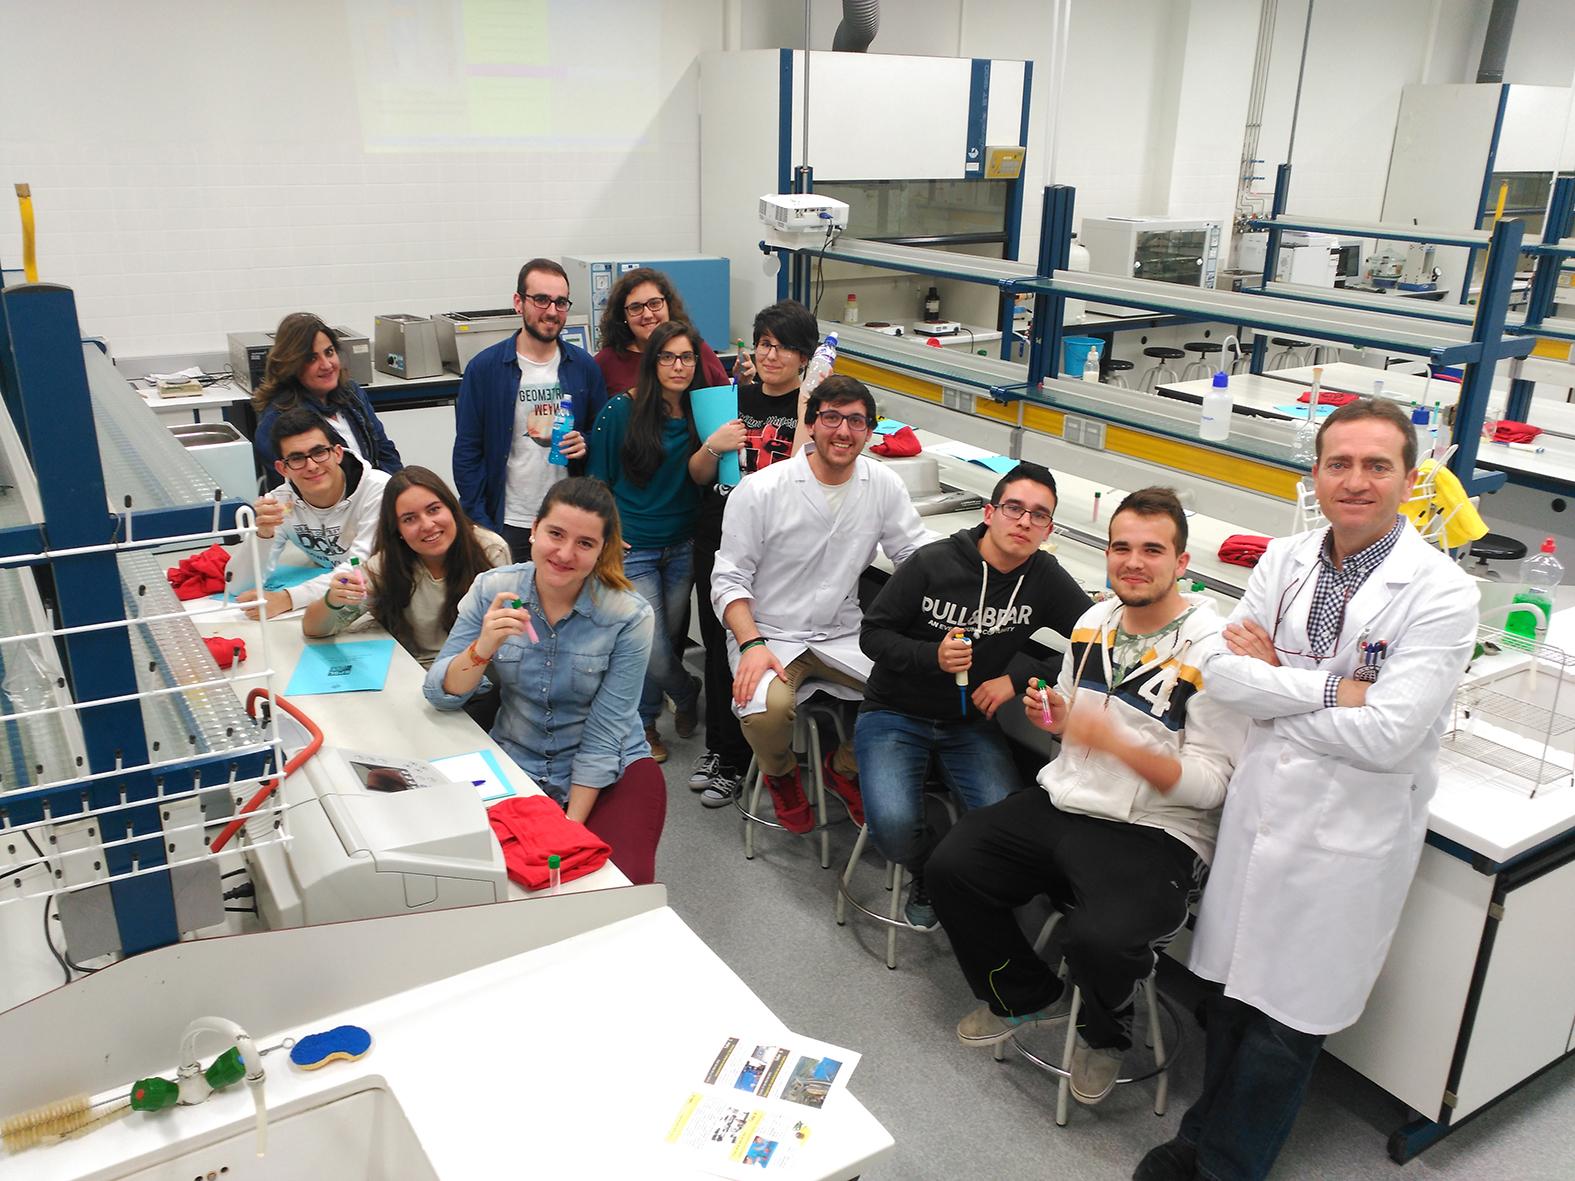 La Escuela Politécnica Superior De Linares Celebró Su Xiii